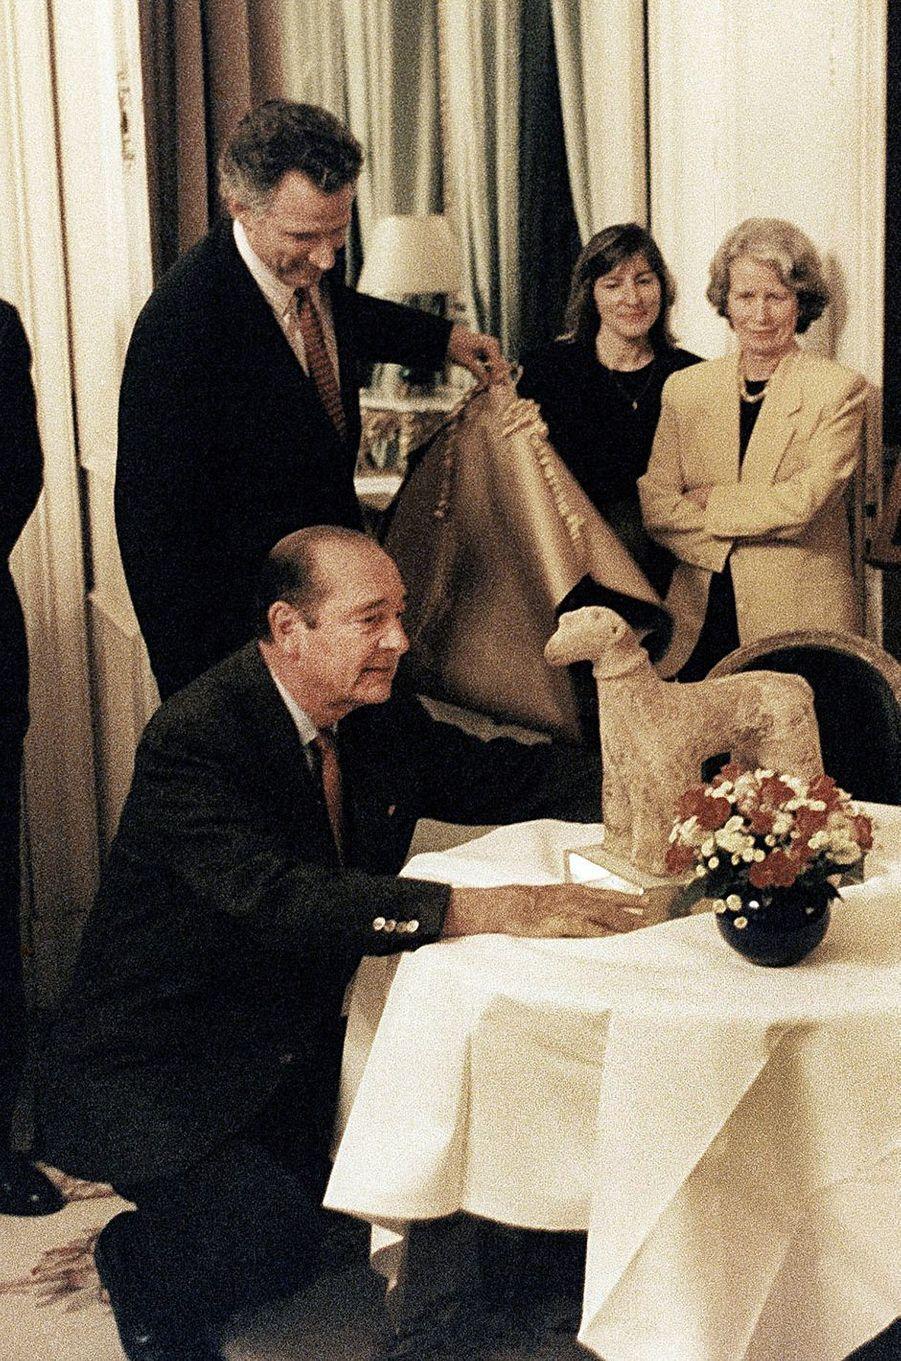 29 novembre 1996. Pour le 64ème anniversaire de Jacques Chirac, son épouse Bernadette et ses collaborateurs à l'Elysée lui ont préparé une surprise en lui offrant une sculpture africaine du XIIème siècle trouvée au Mali, un bélier en terre cuite. Le président est accroupi devant son cadeau, en présence de son épouse et de ses collaborateurs dont Dominique de Villepin. On reconnaît également Pierre de Bousquet de Florian à gauche, Irène Battistelli.